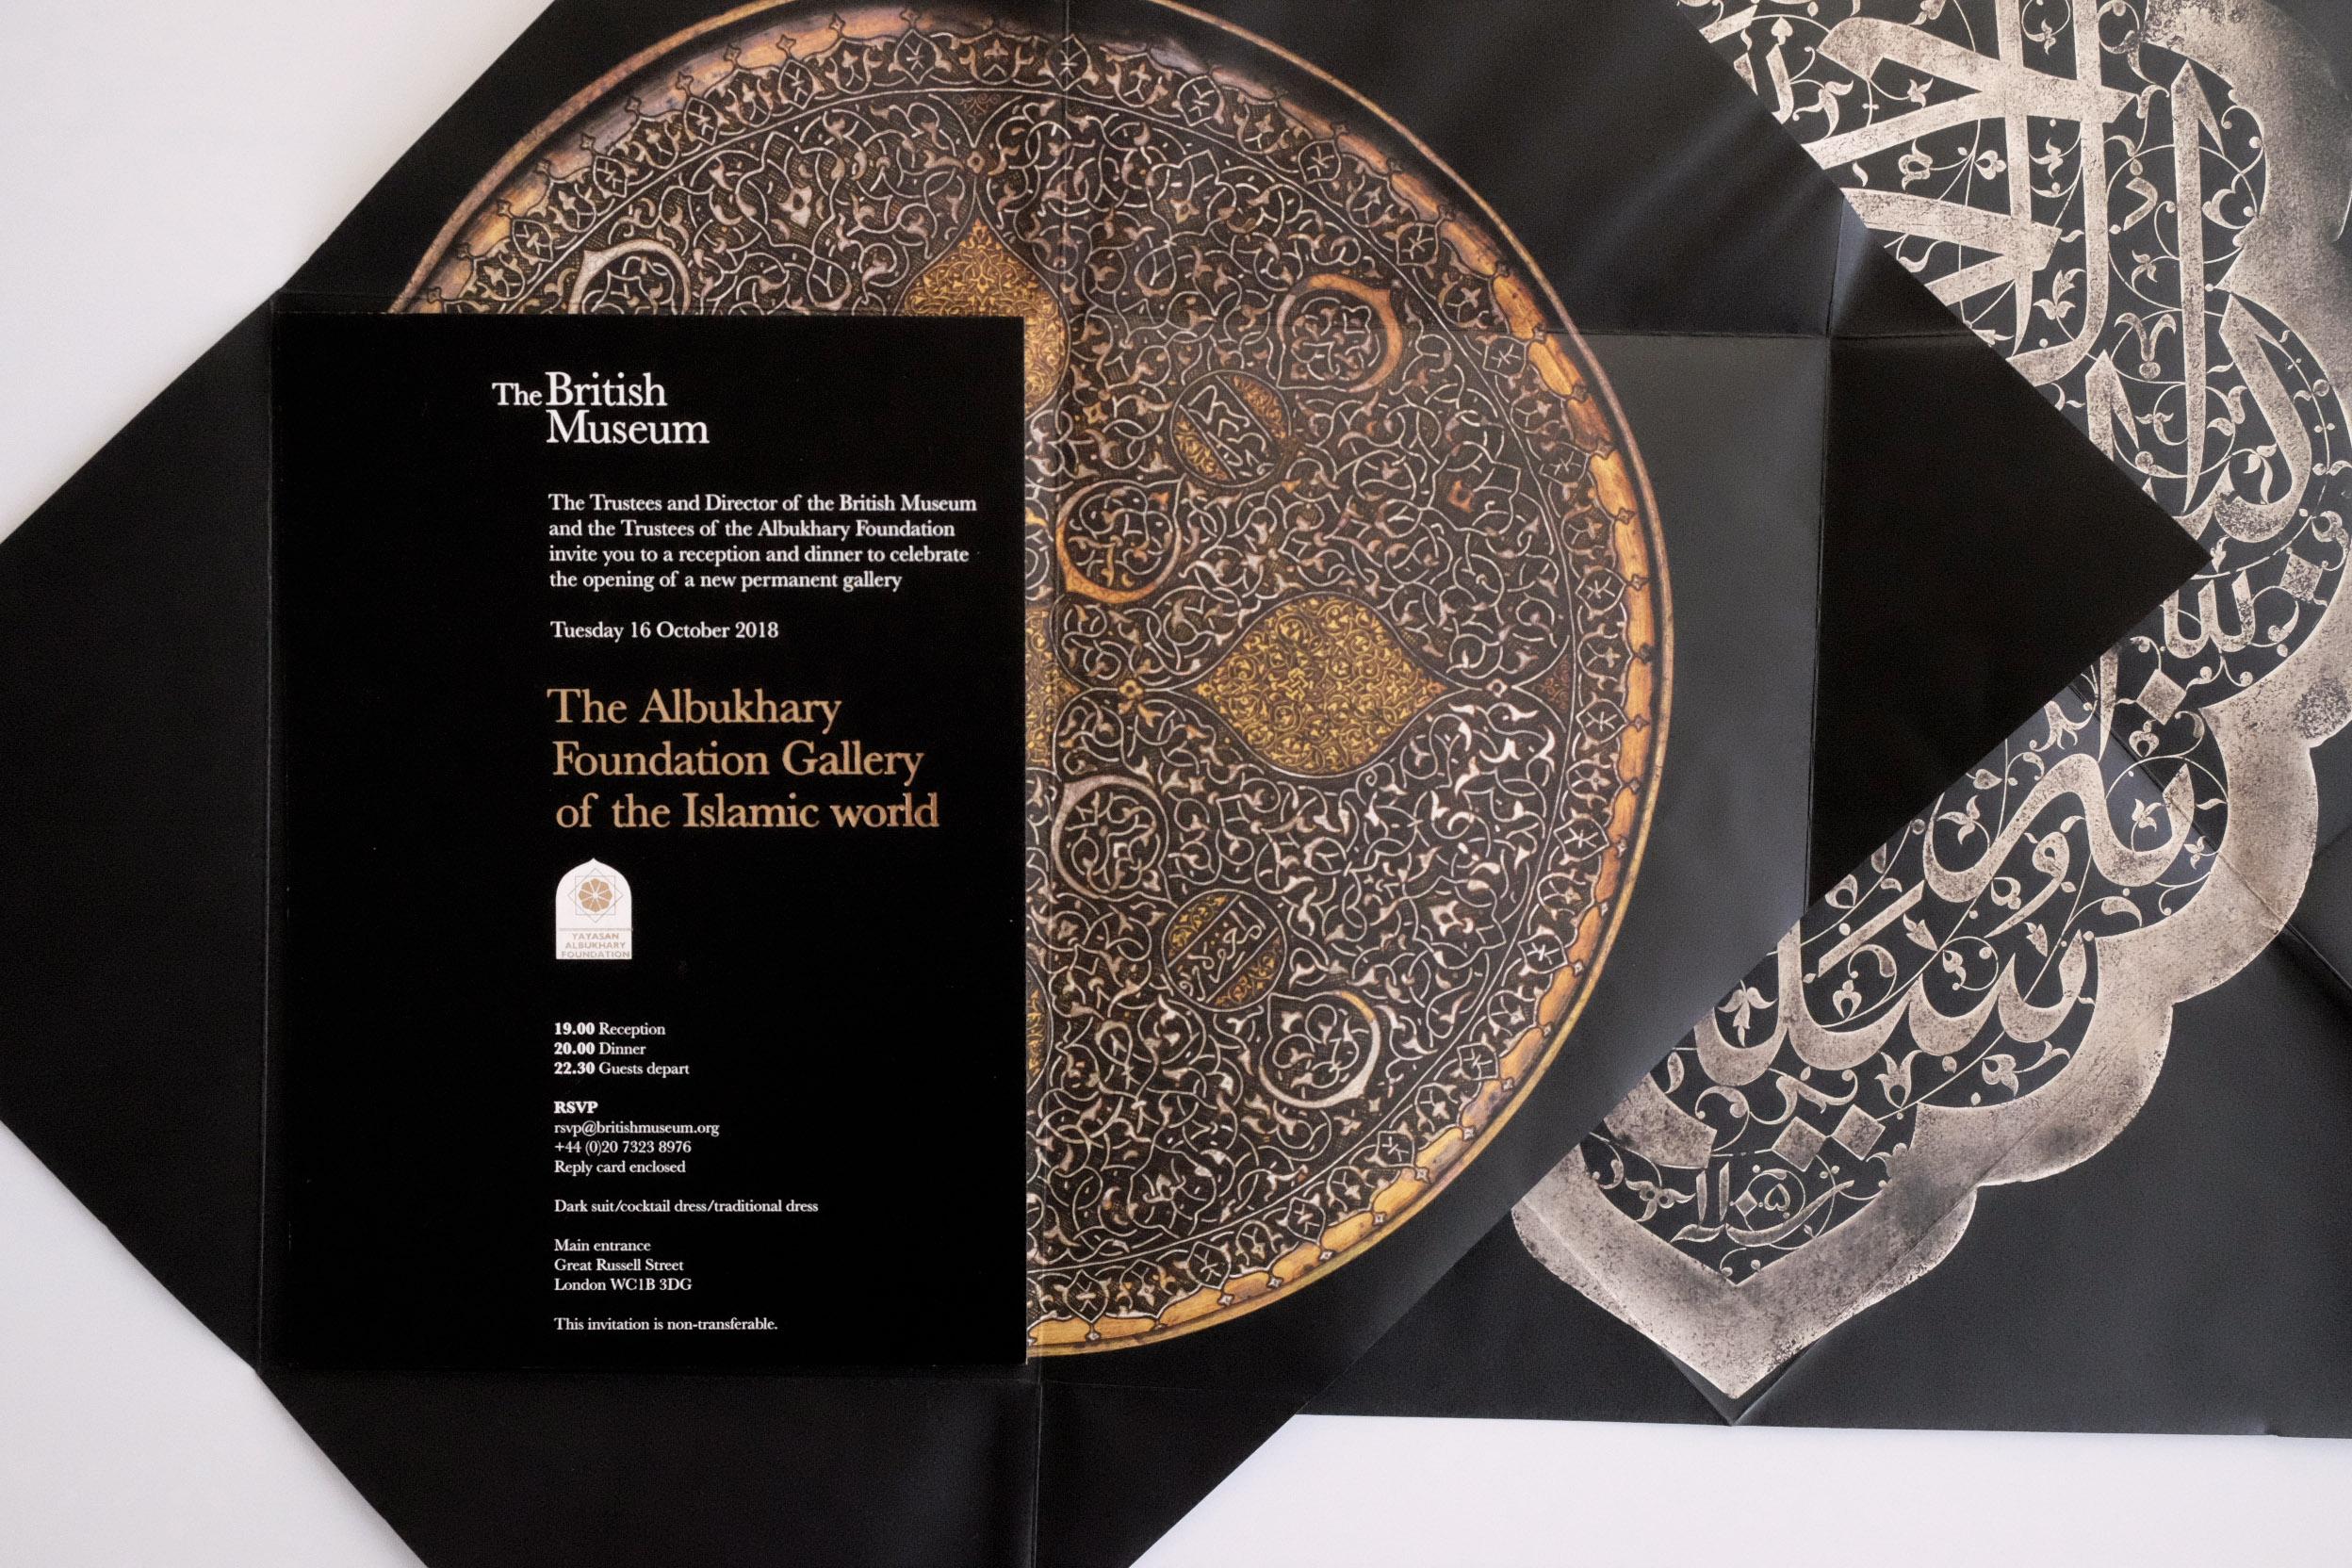 MargotLombaertStudio_BritishMuseum_Islamic_04.jpg